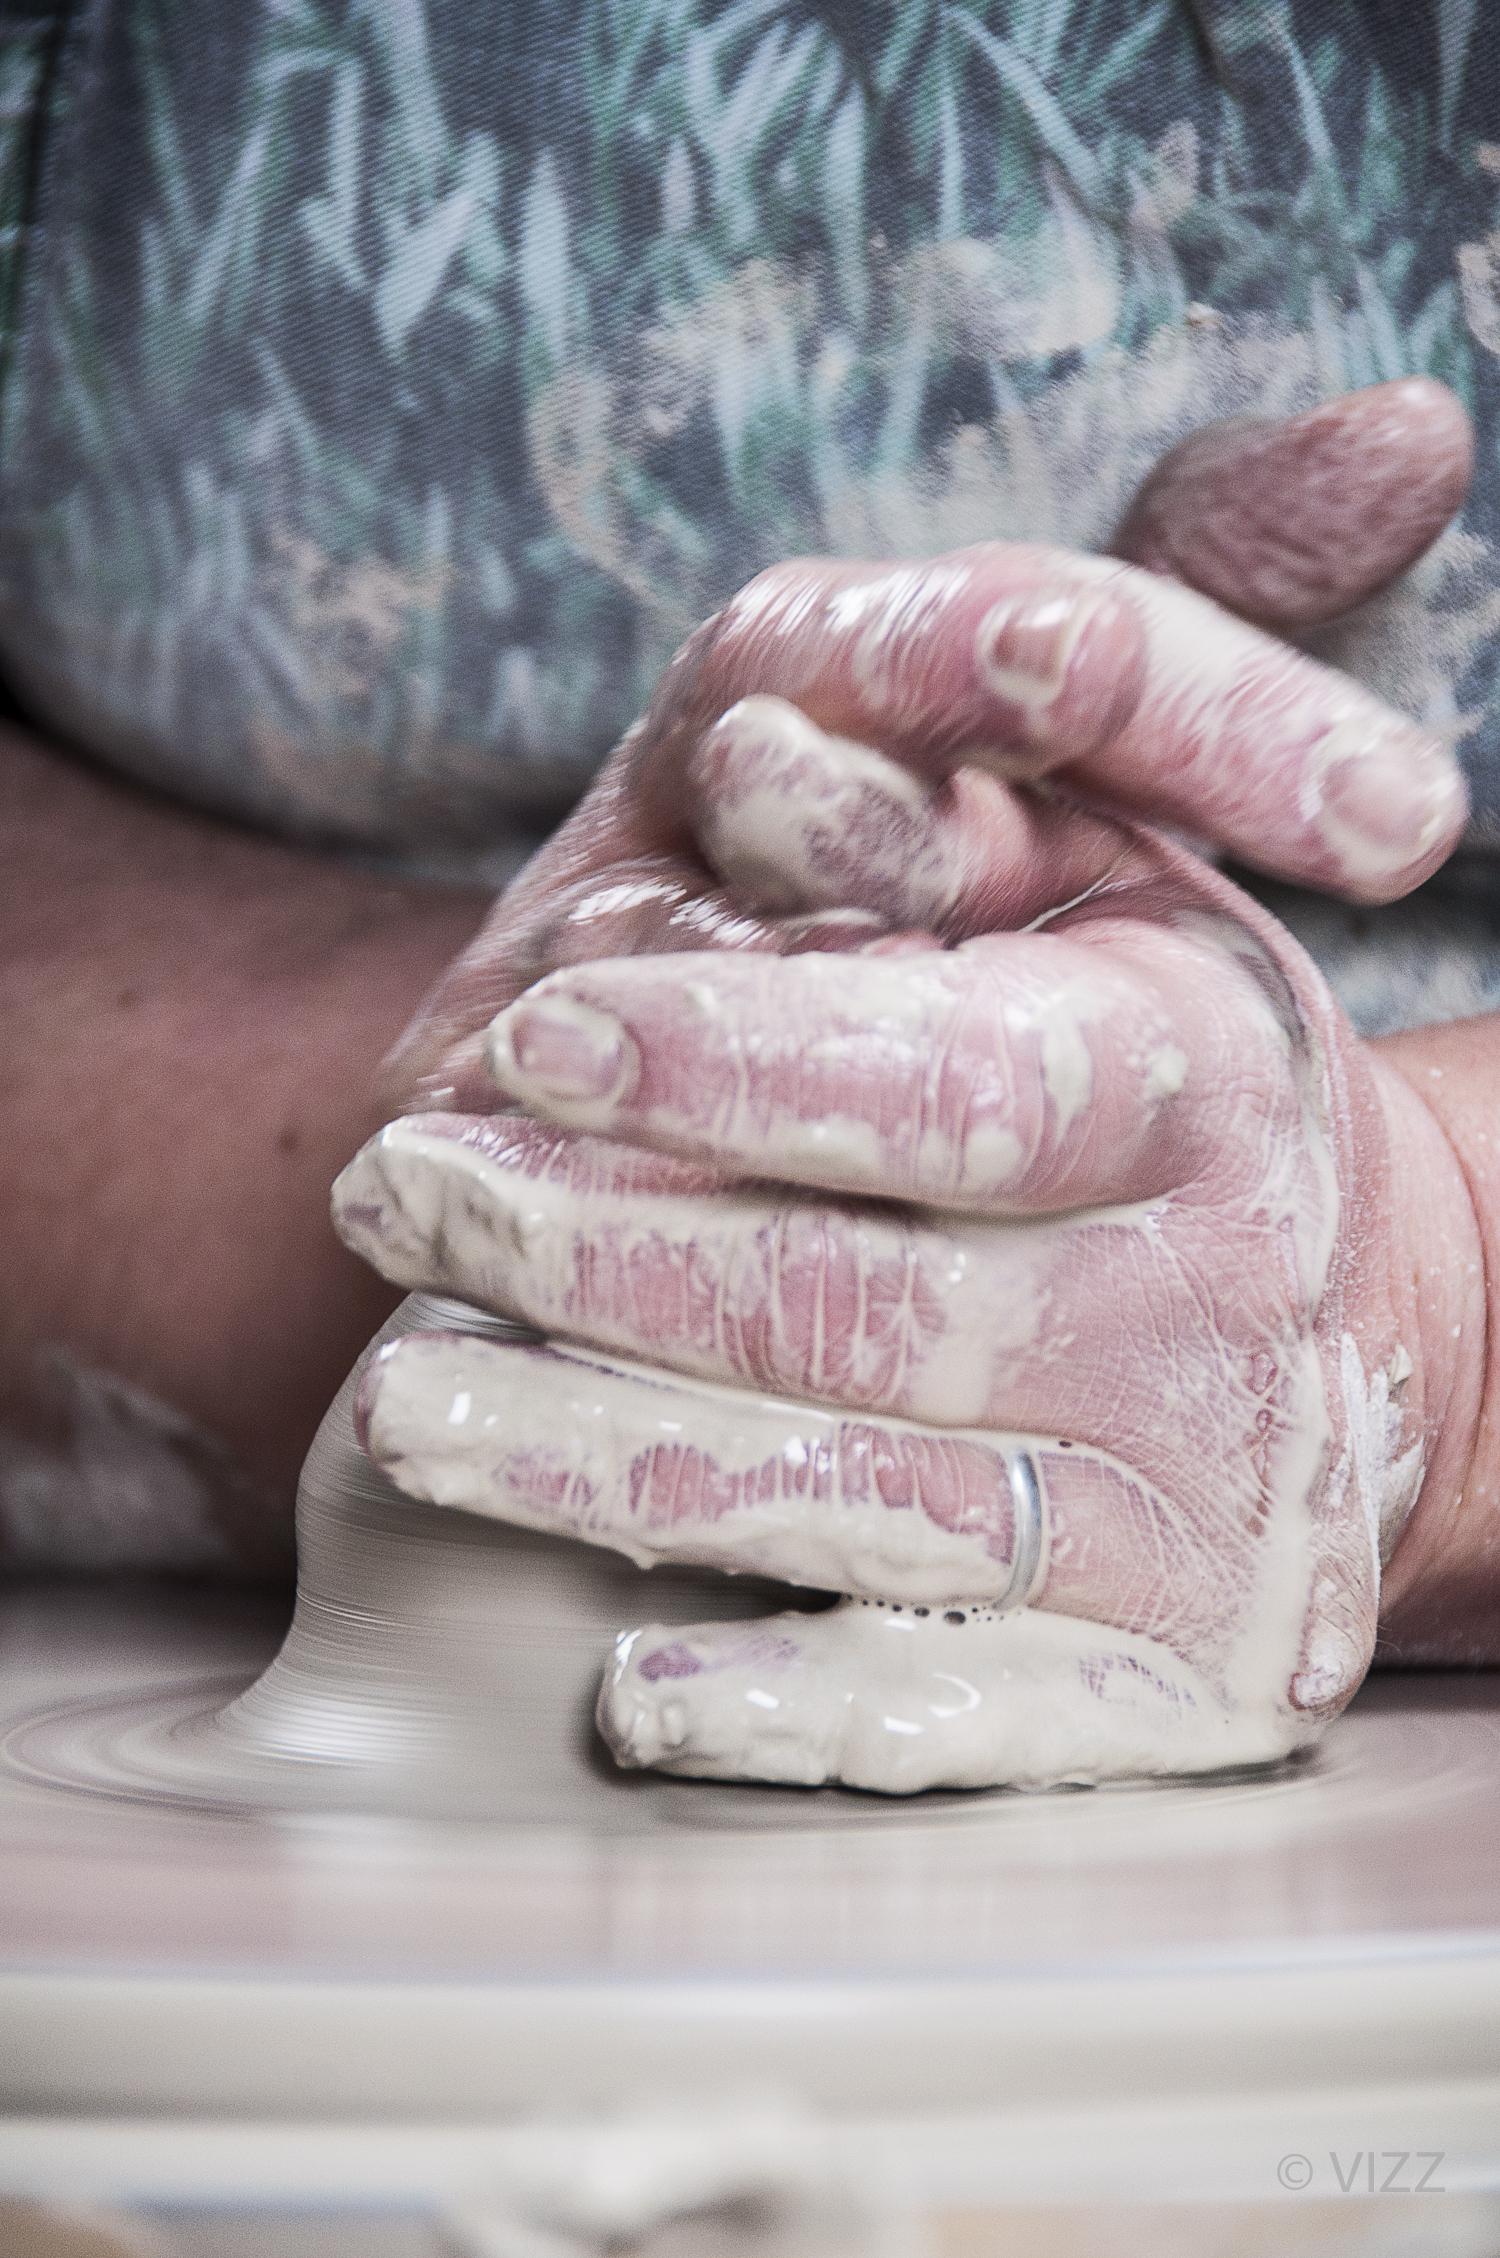 Alison Hanvey, Ceramics